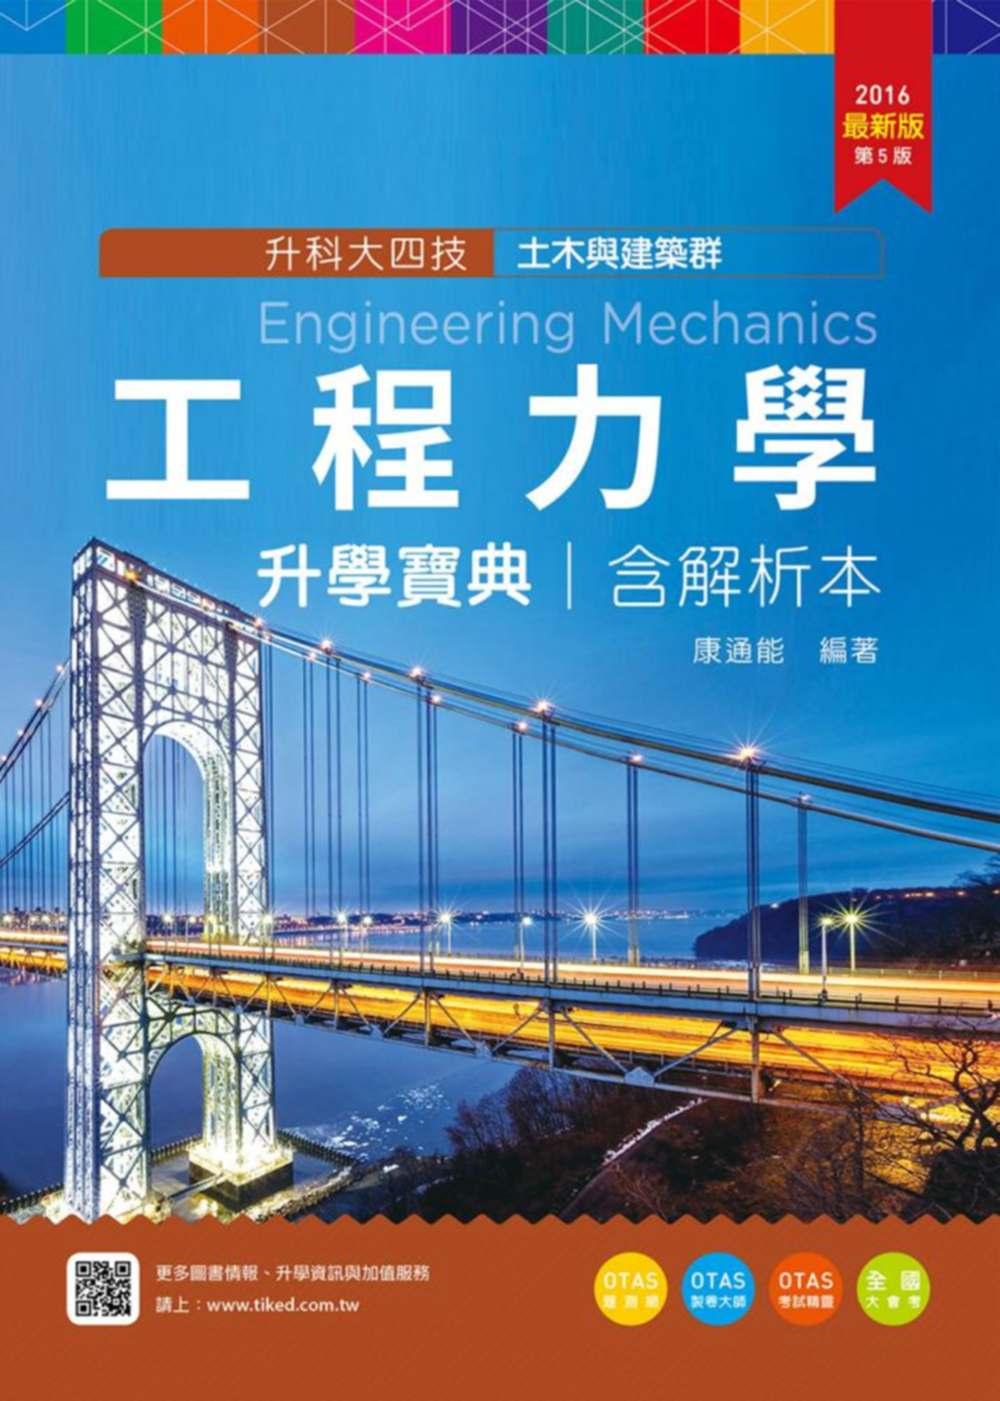 升科大四技土木與建築群工程力學升學寶典含解析本2016年最新版(第五版)(附贈OTAS題測系統)